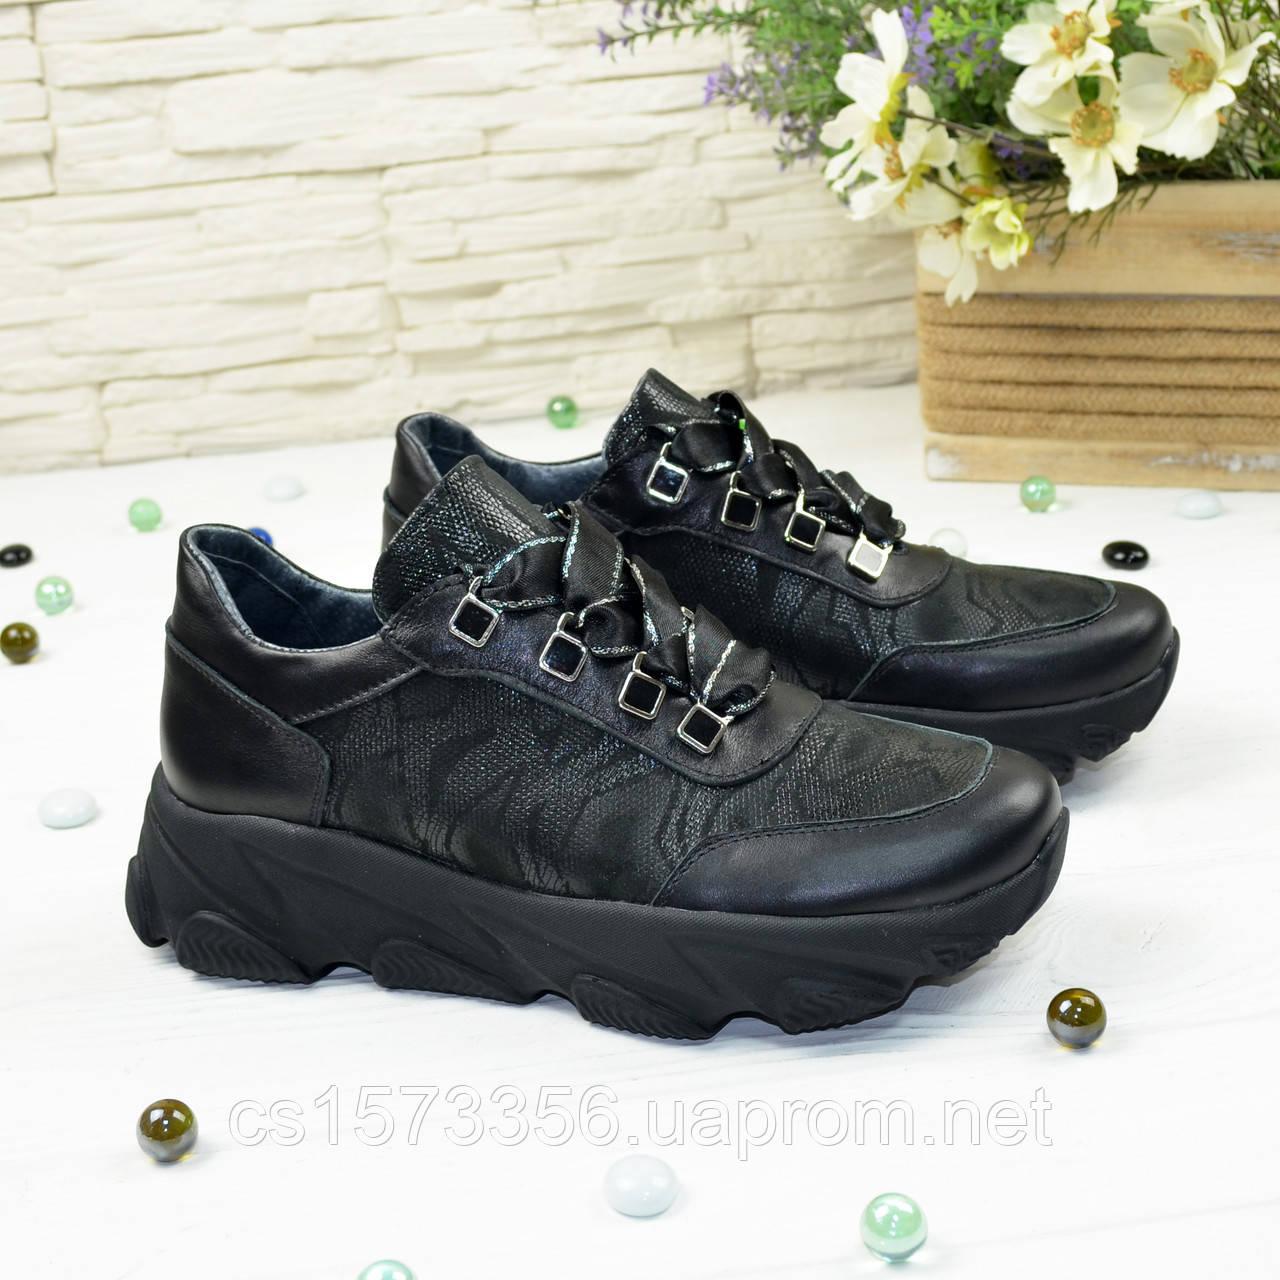 Кроссовки женские черные на шнуровке, натуральная кожа и кожа питон